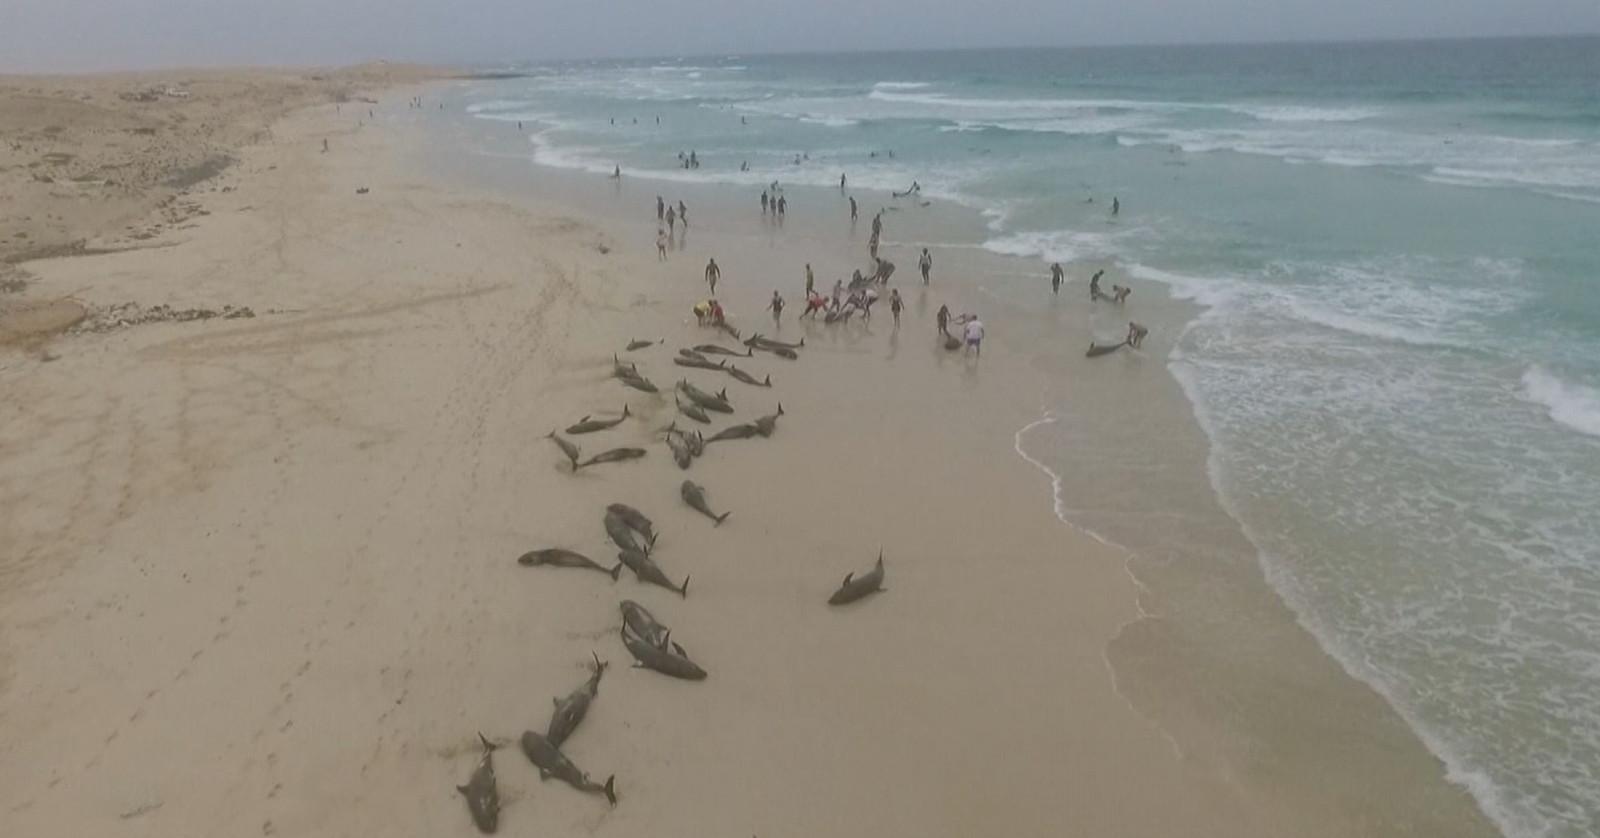 136 dauphins morts sur une plage au Cap-Vert